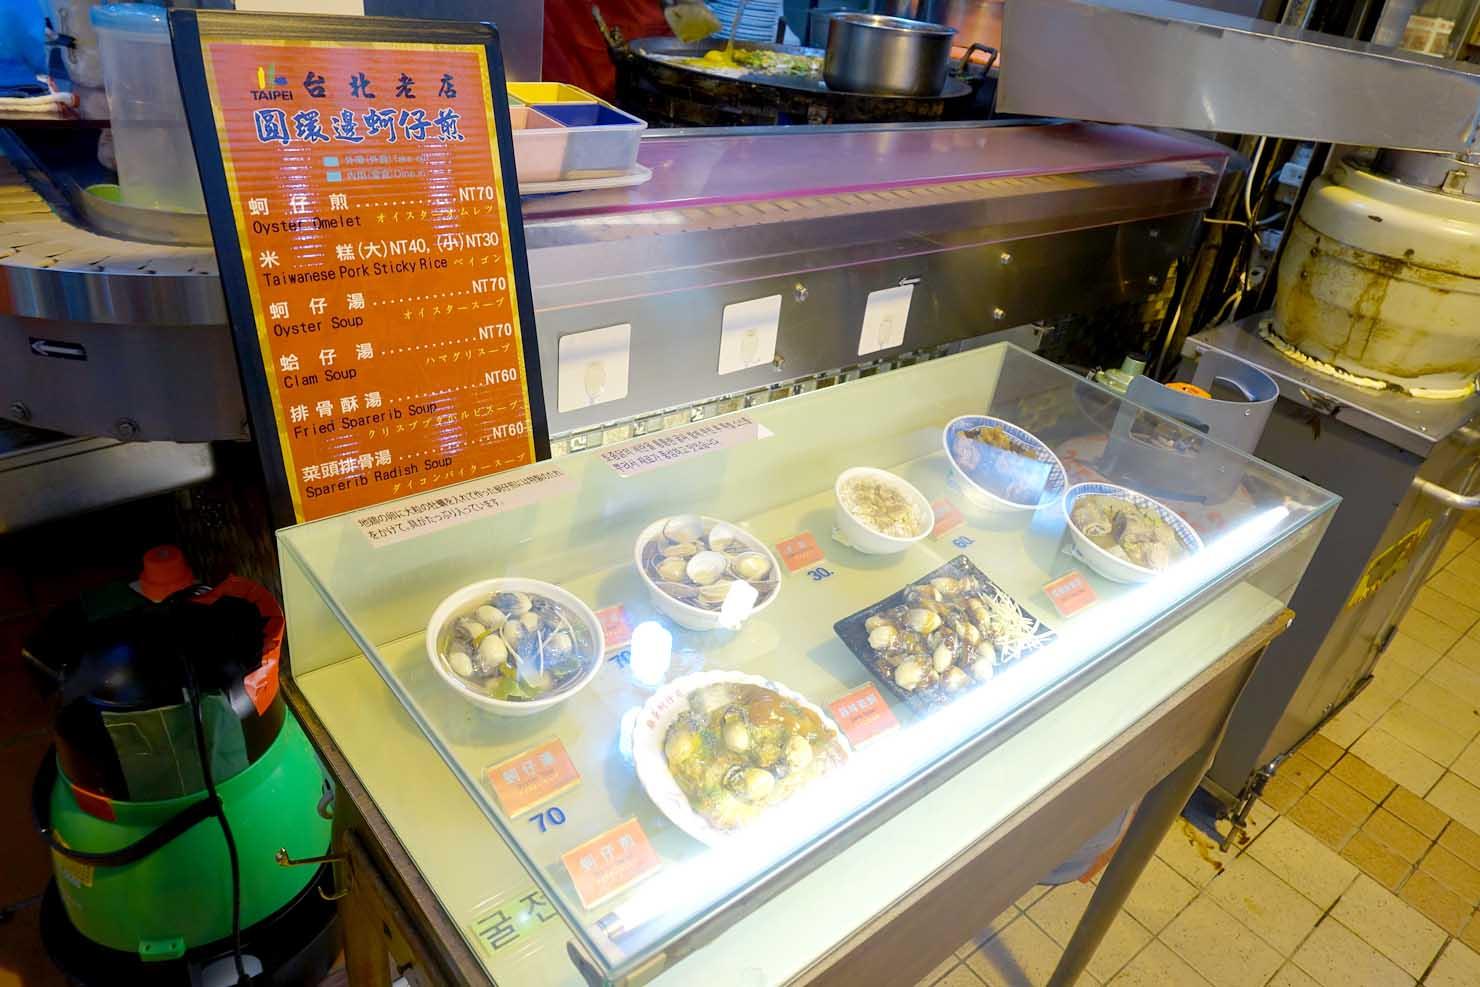 台北・寧夏夜市のおすすめグルメ店「圓環邊蚵仔煎」のメニュー